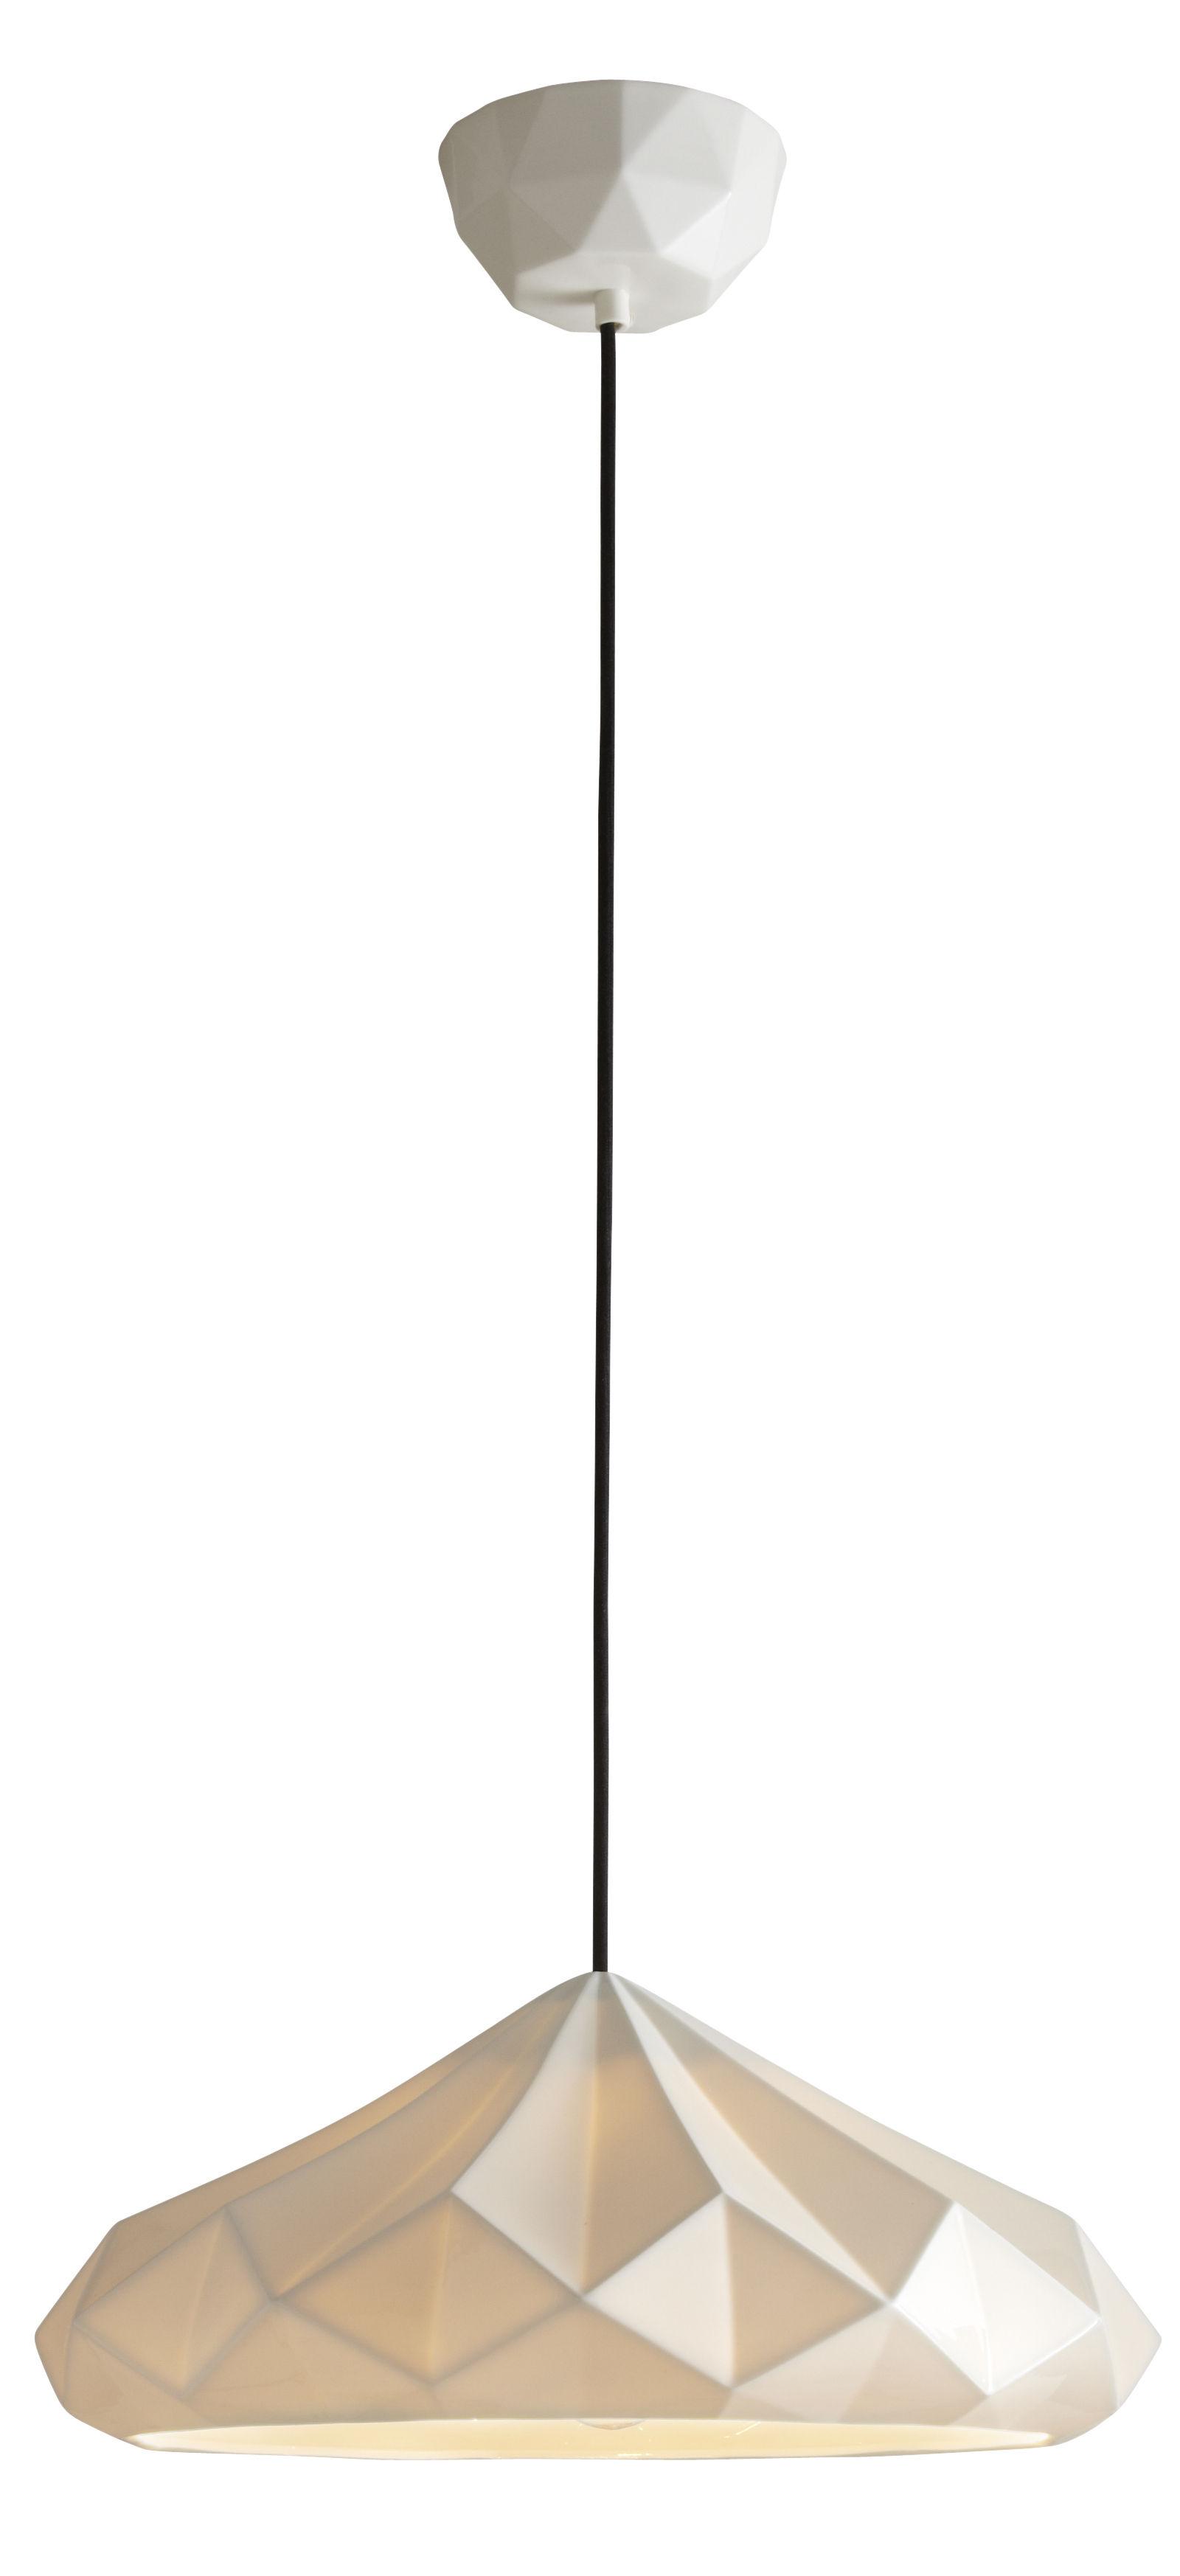 Luminaire - Suspensions - Suspension Hatton 4 / Ø 41,5 x H 18 cm - Porcelaine - Original BTC - Porcelaine blanche - Porcelaine